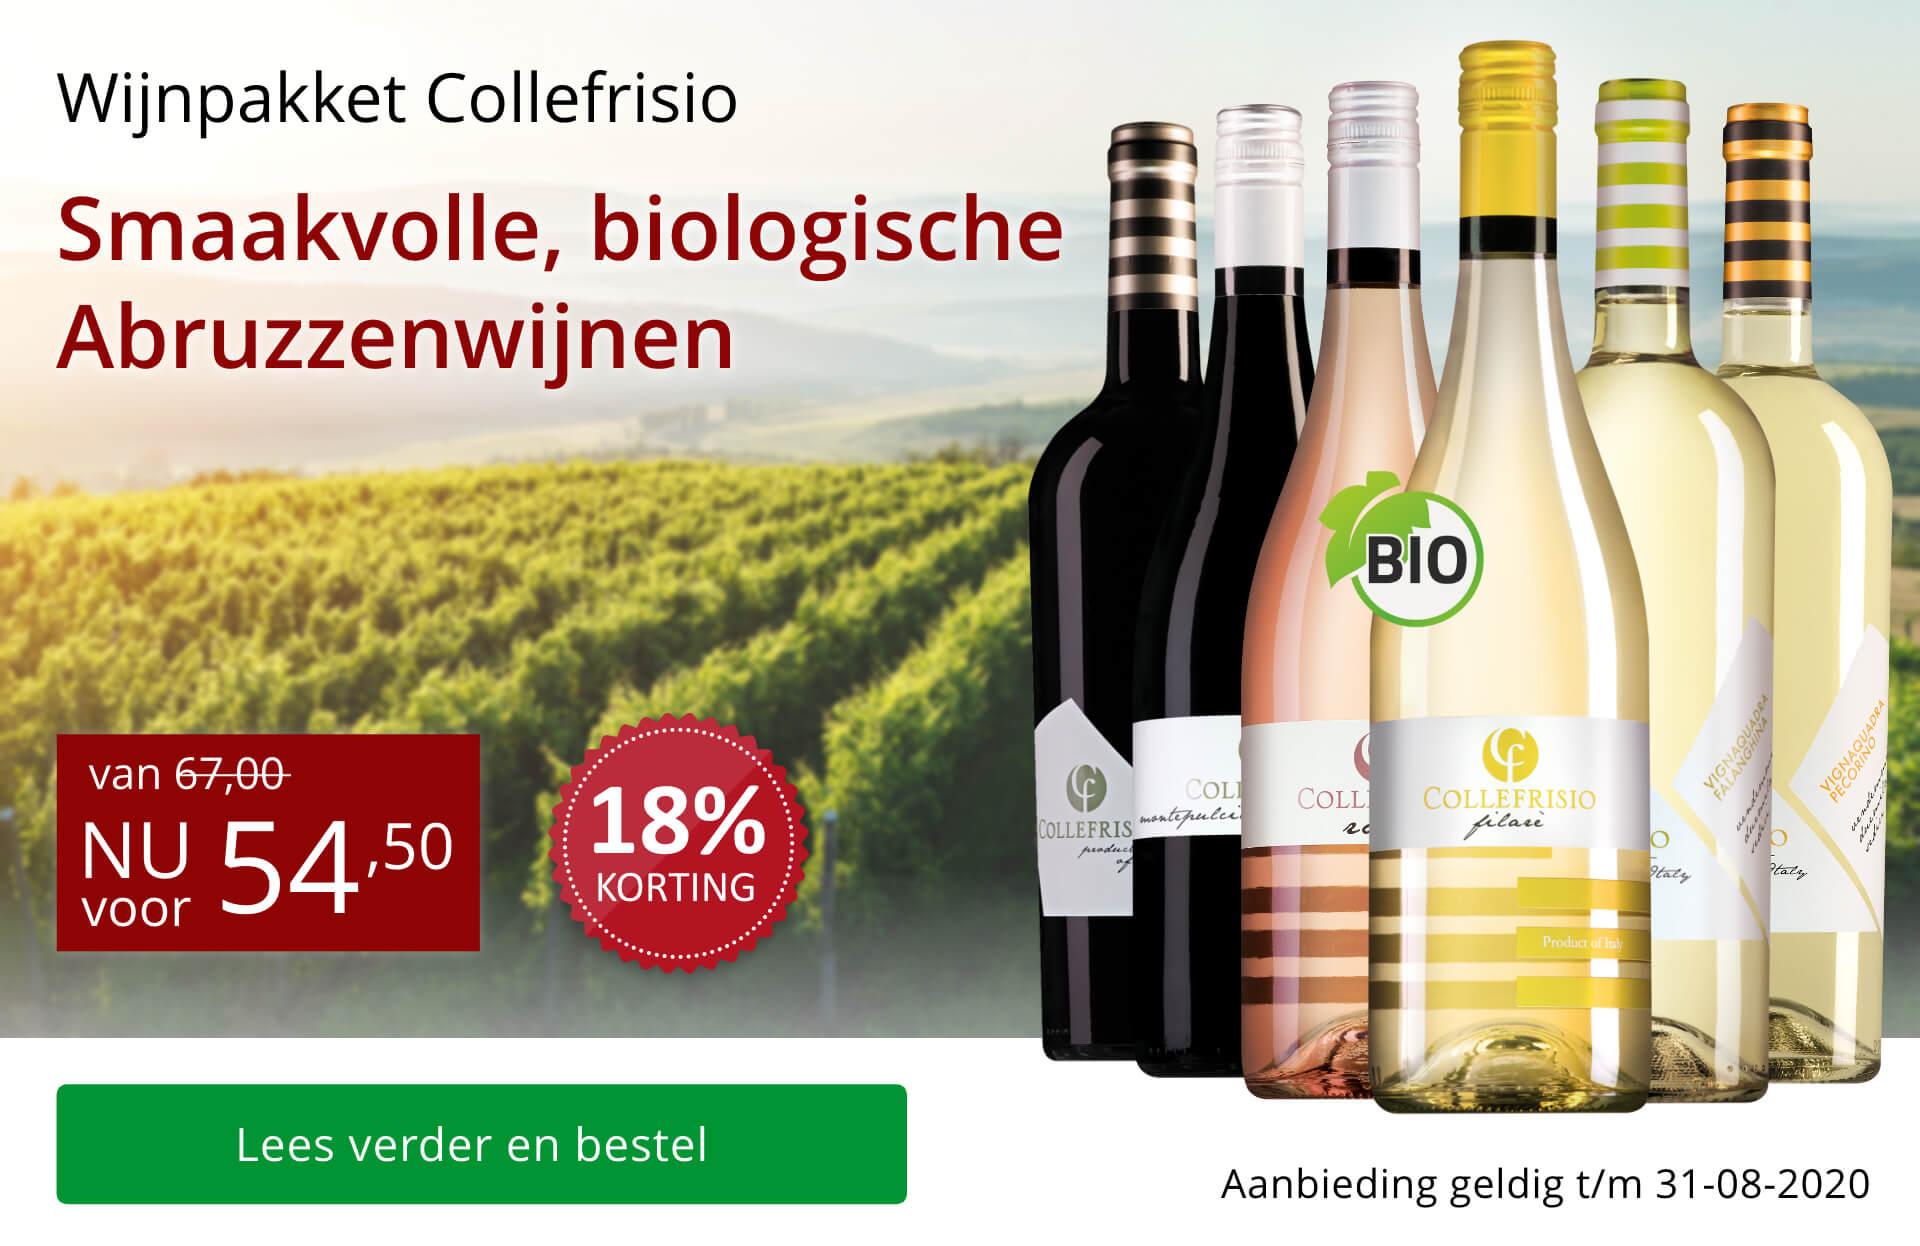 Wijnpakket Collefrisio - rood